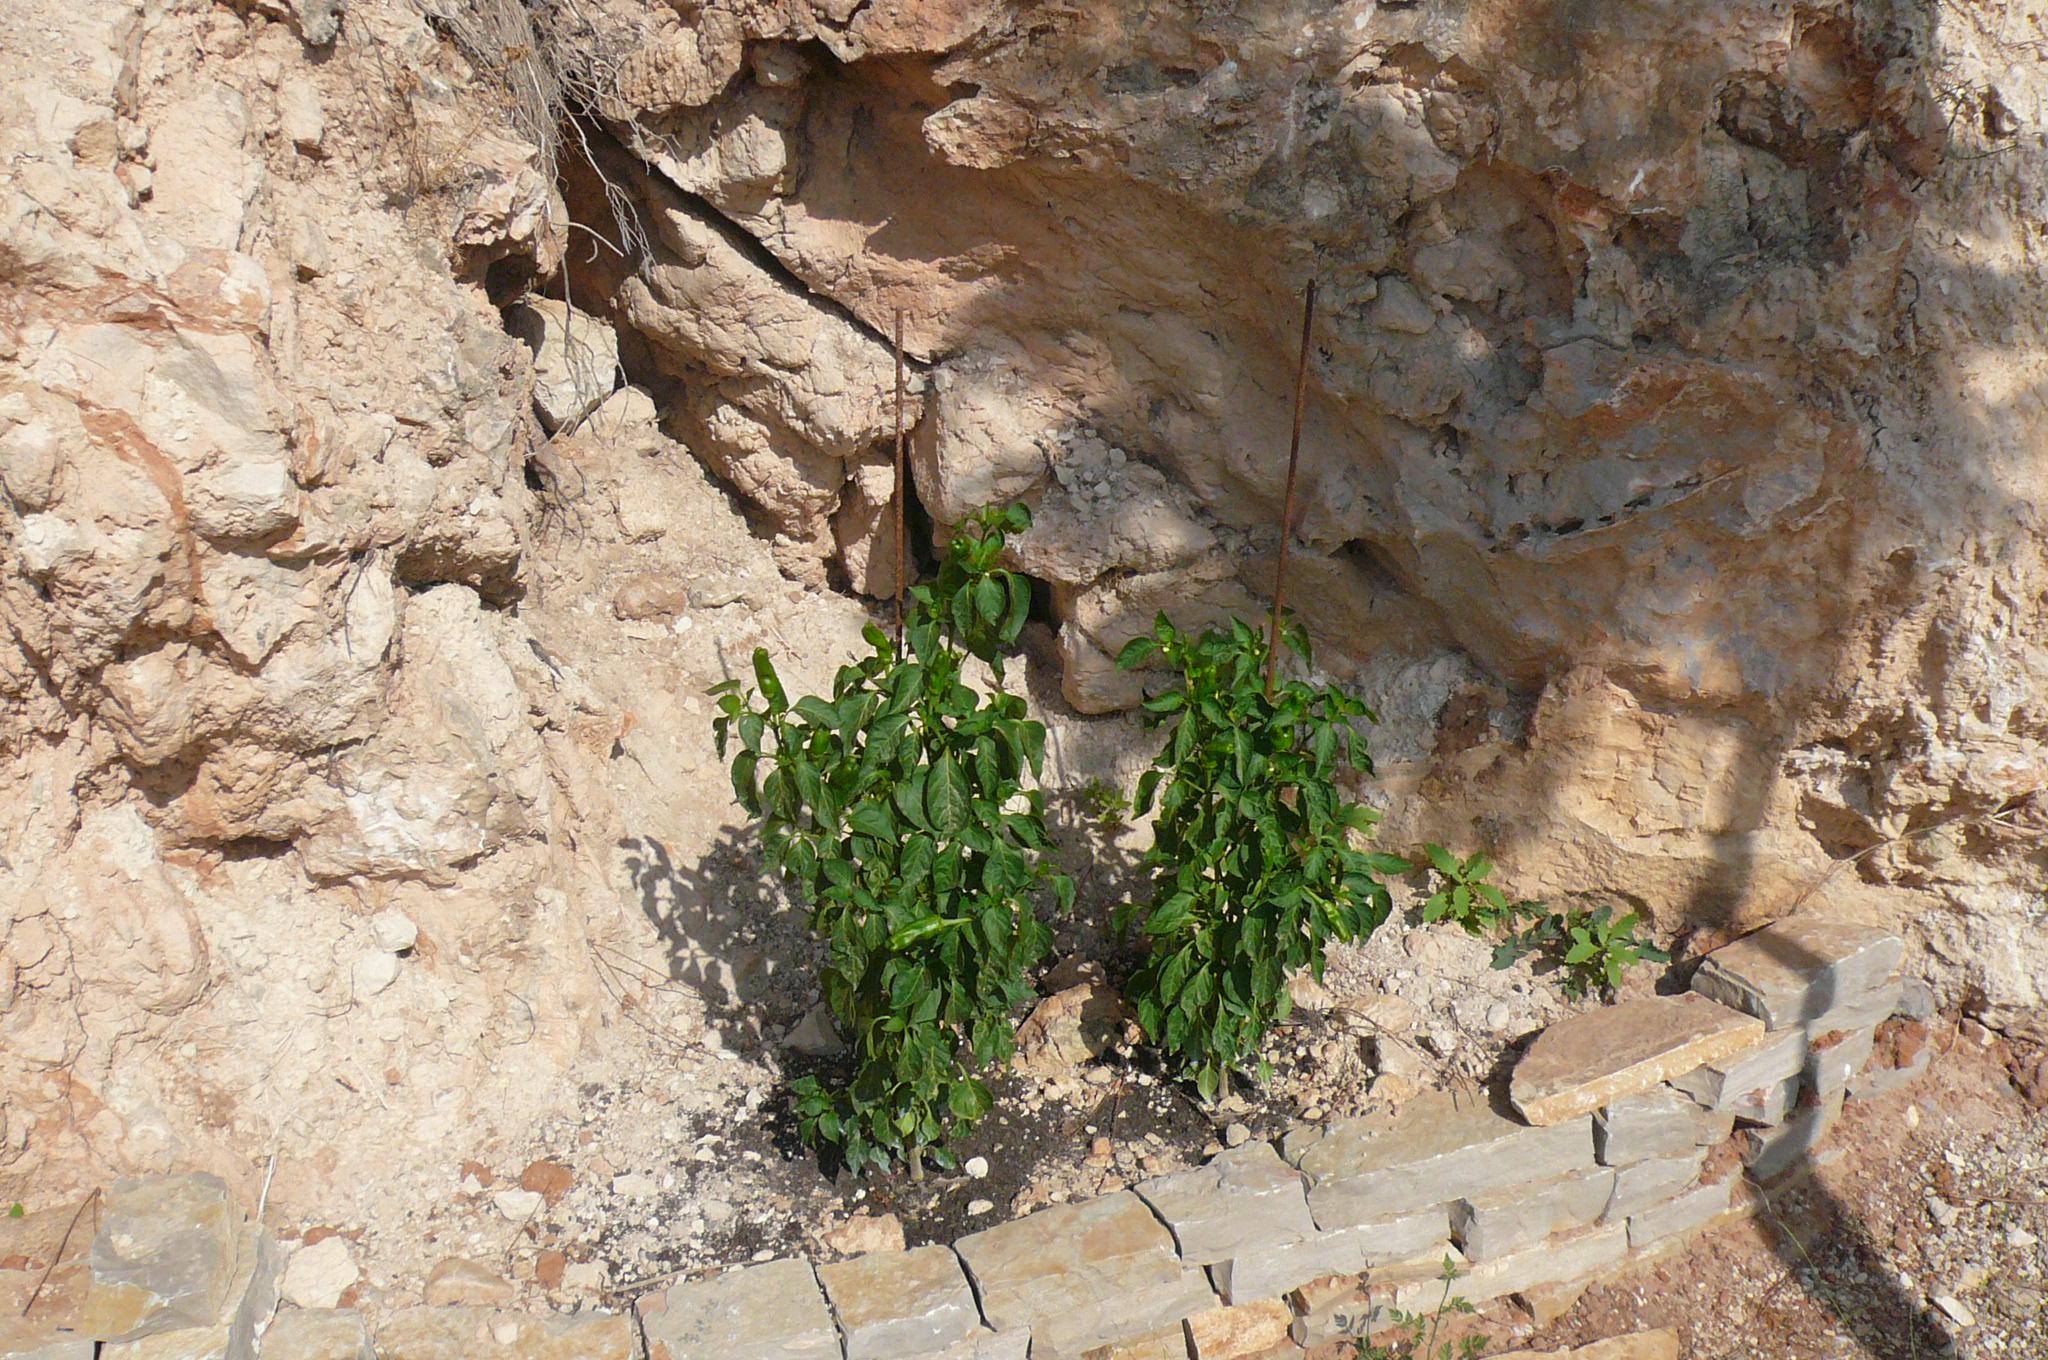 Alfredo's pimientos de padrón plants